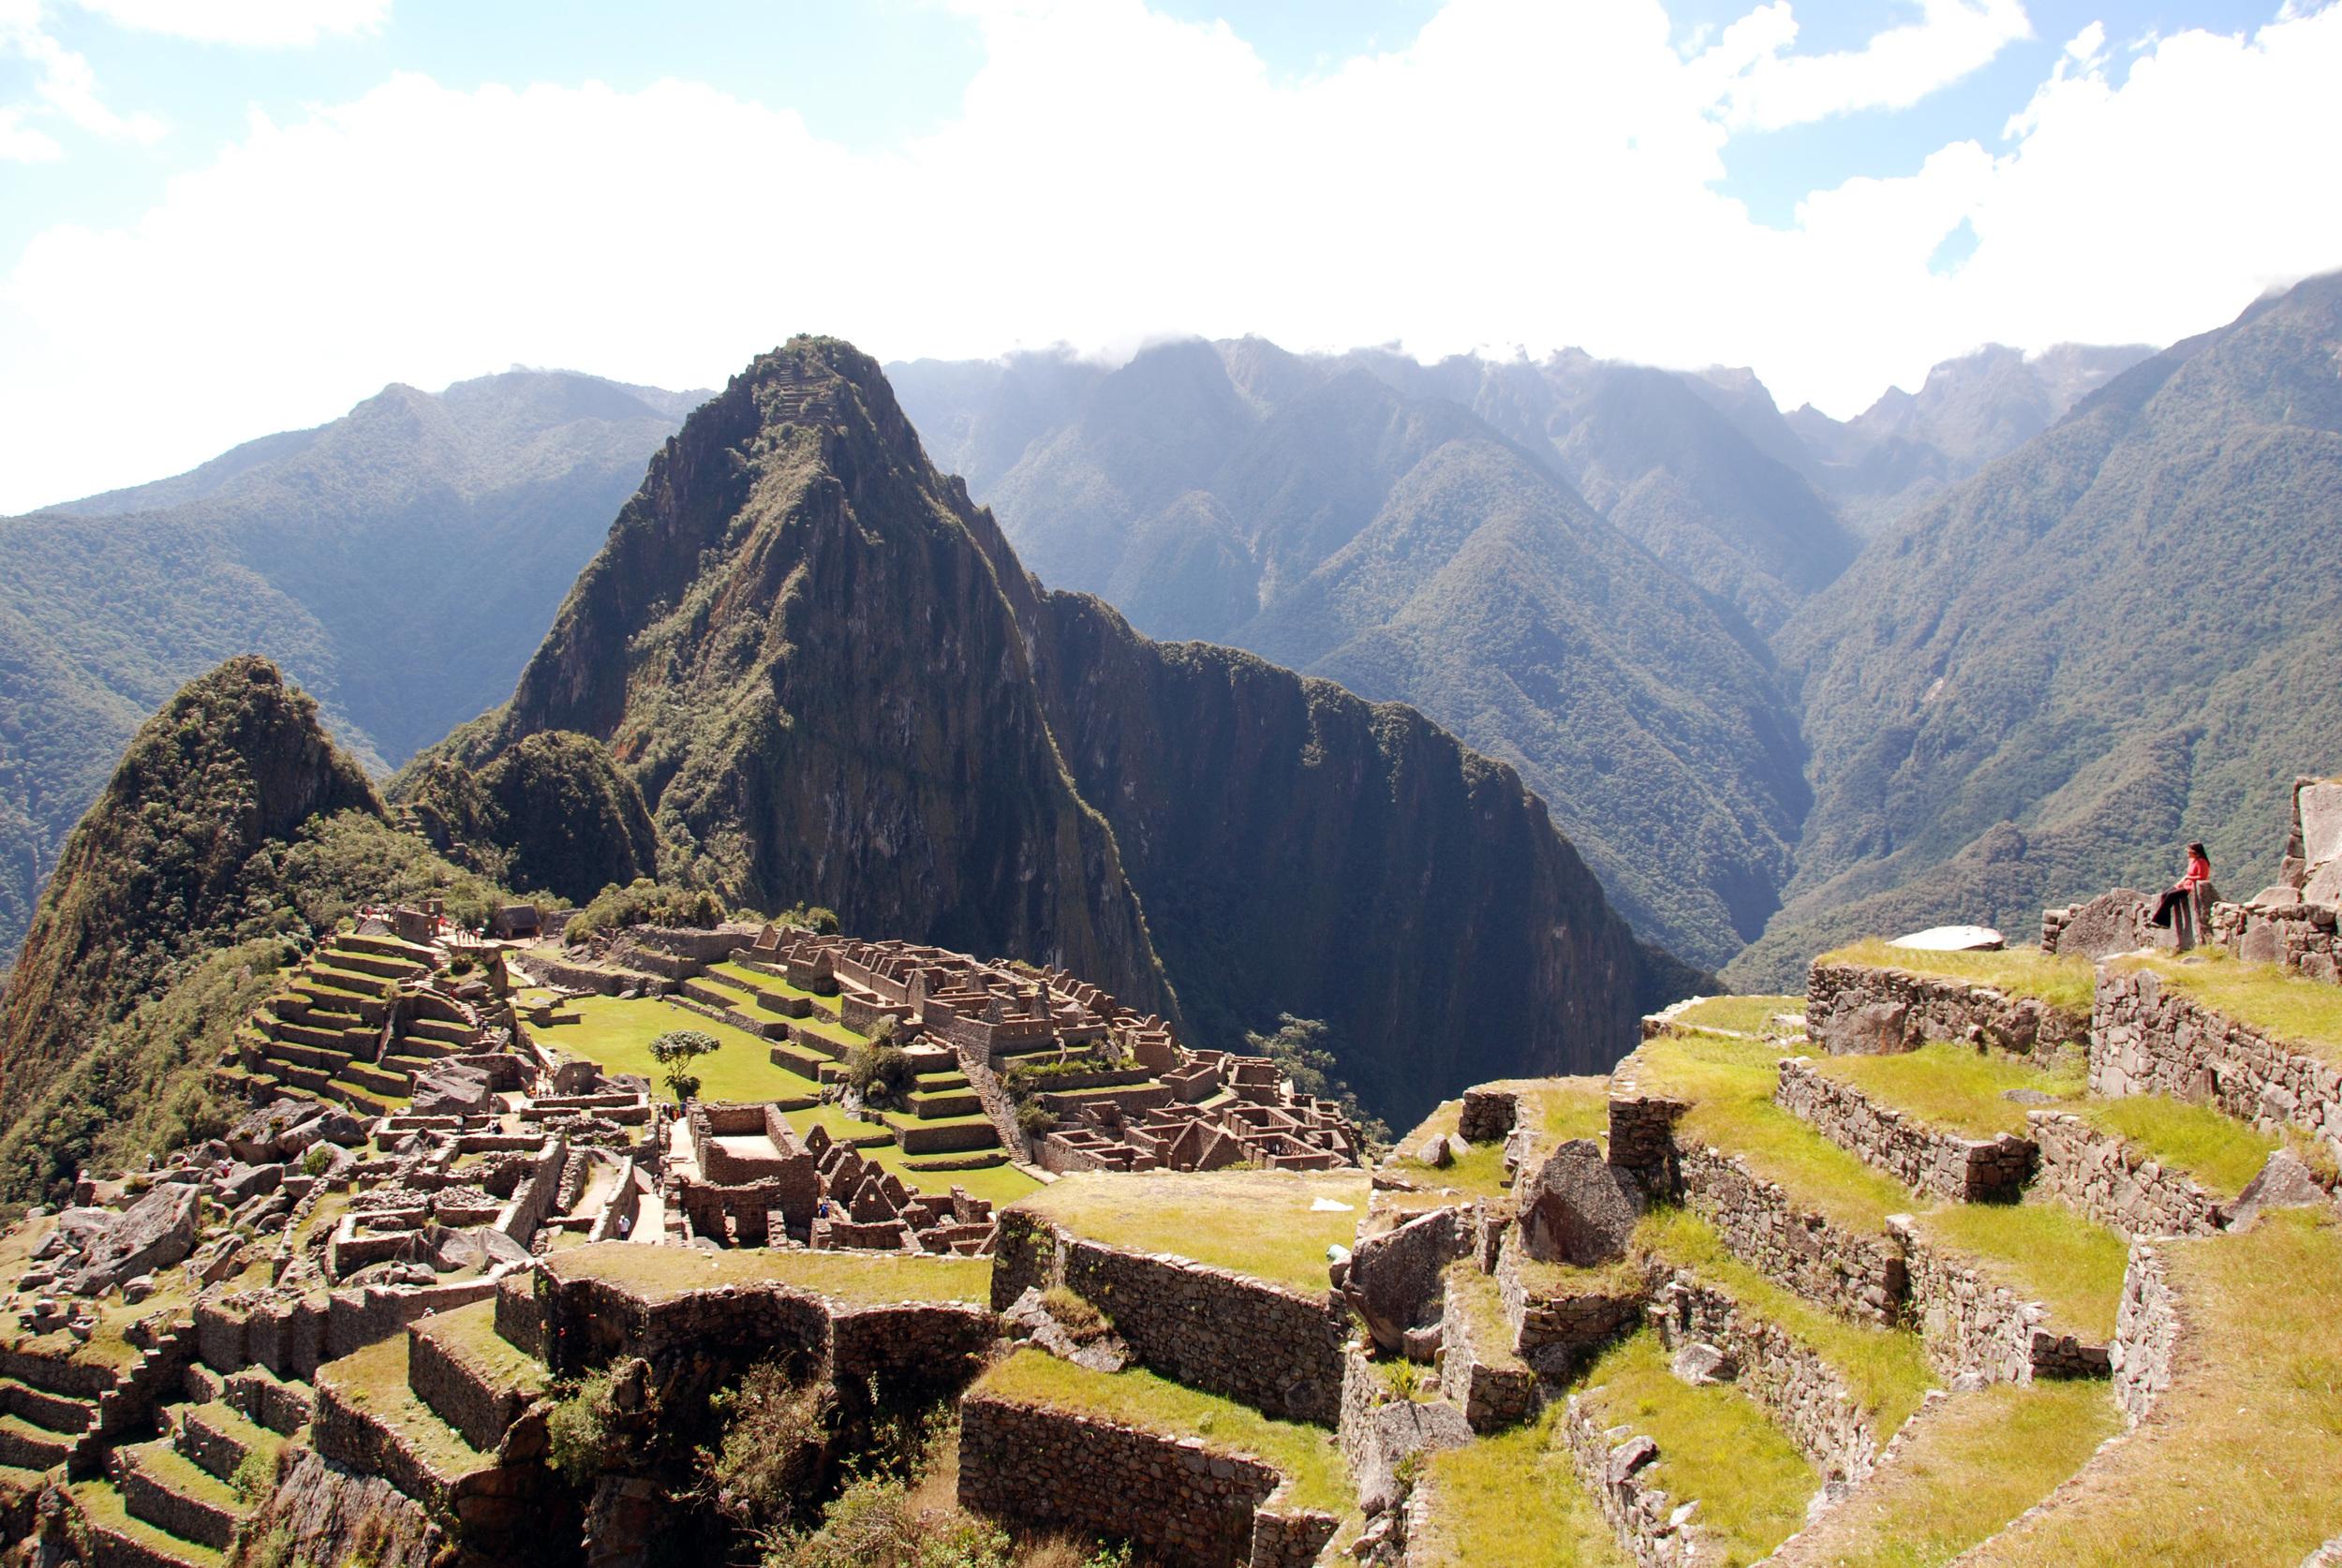 Machu Picchu at noon